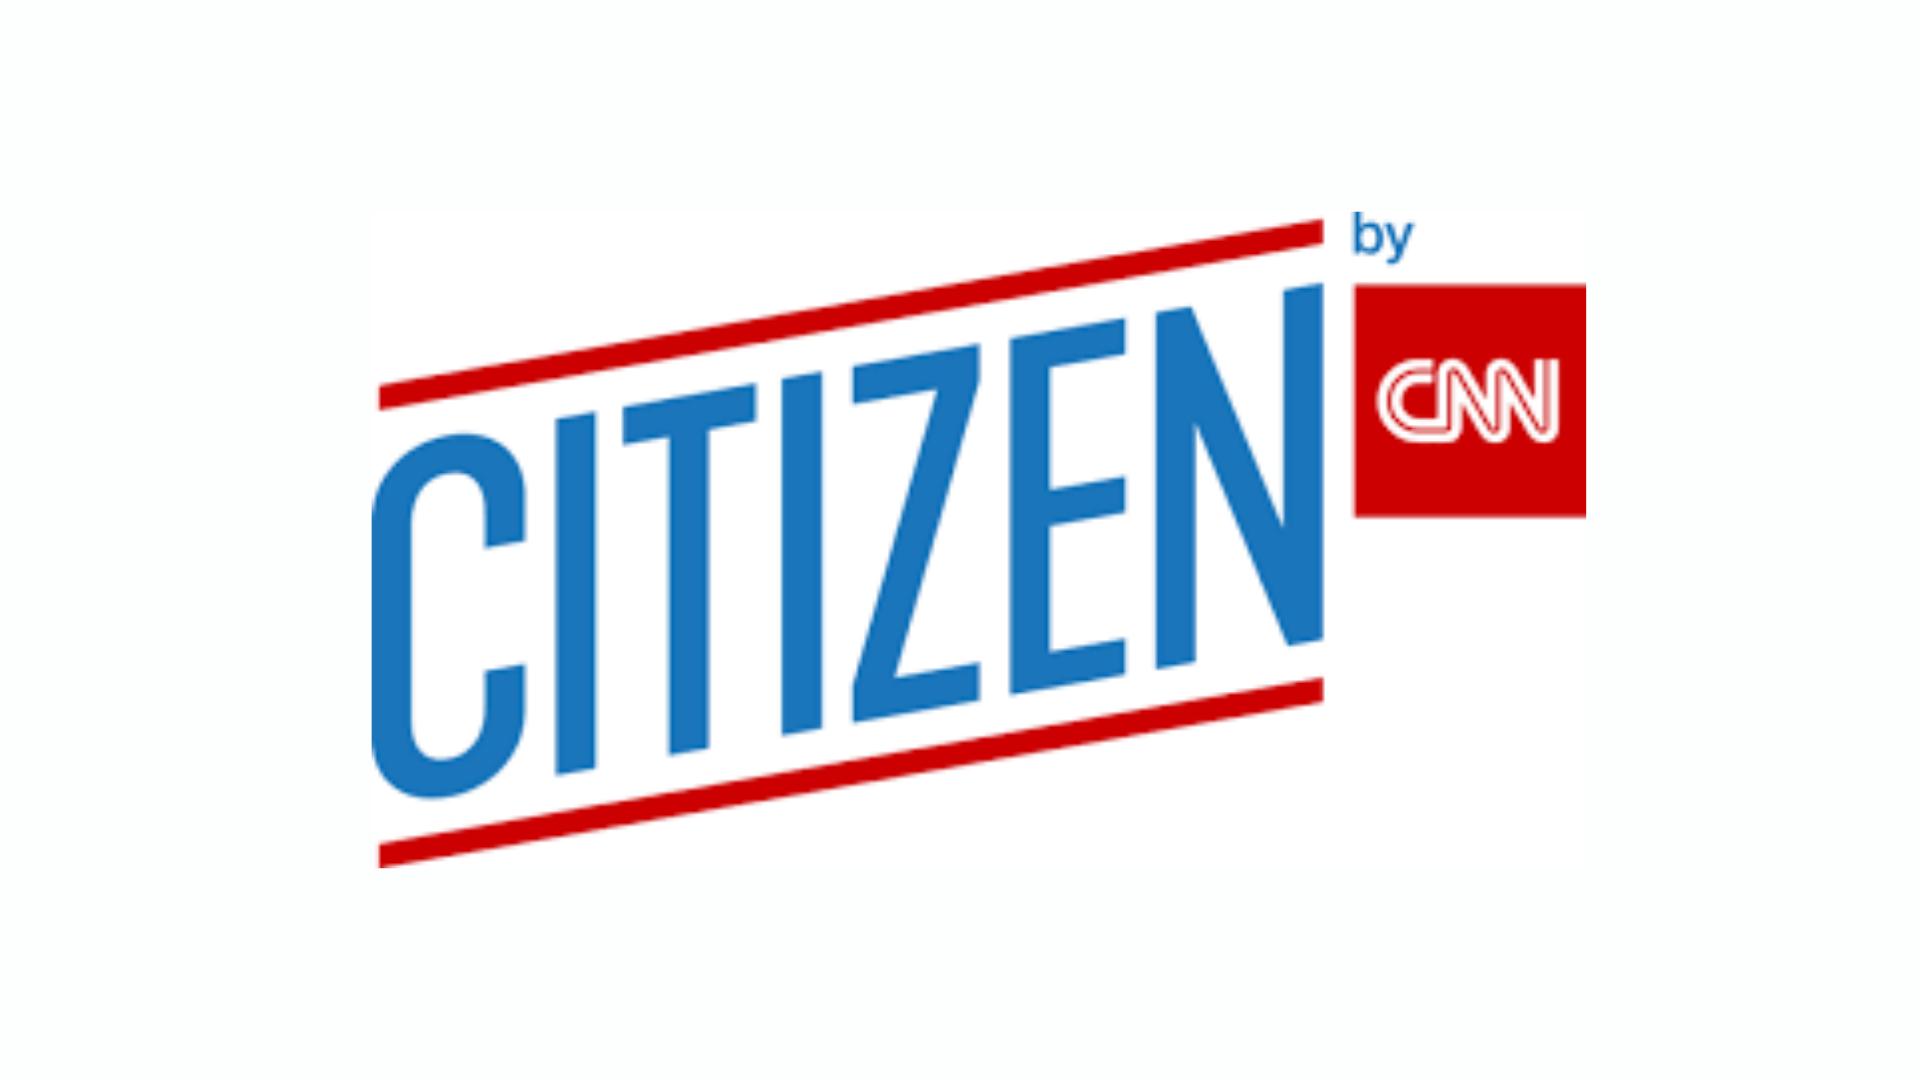 citizen cnn